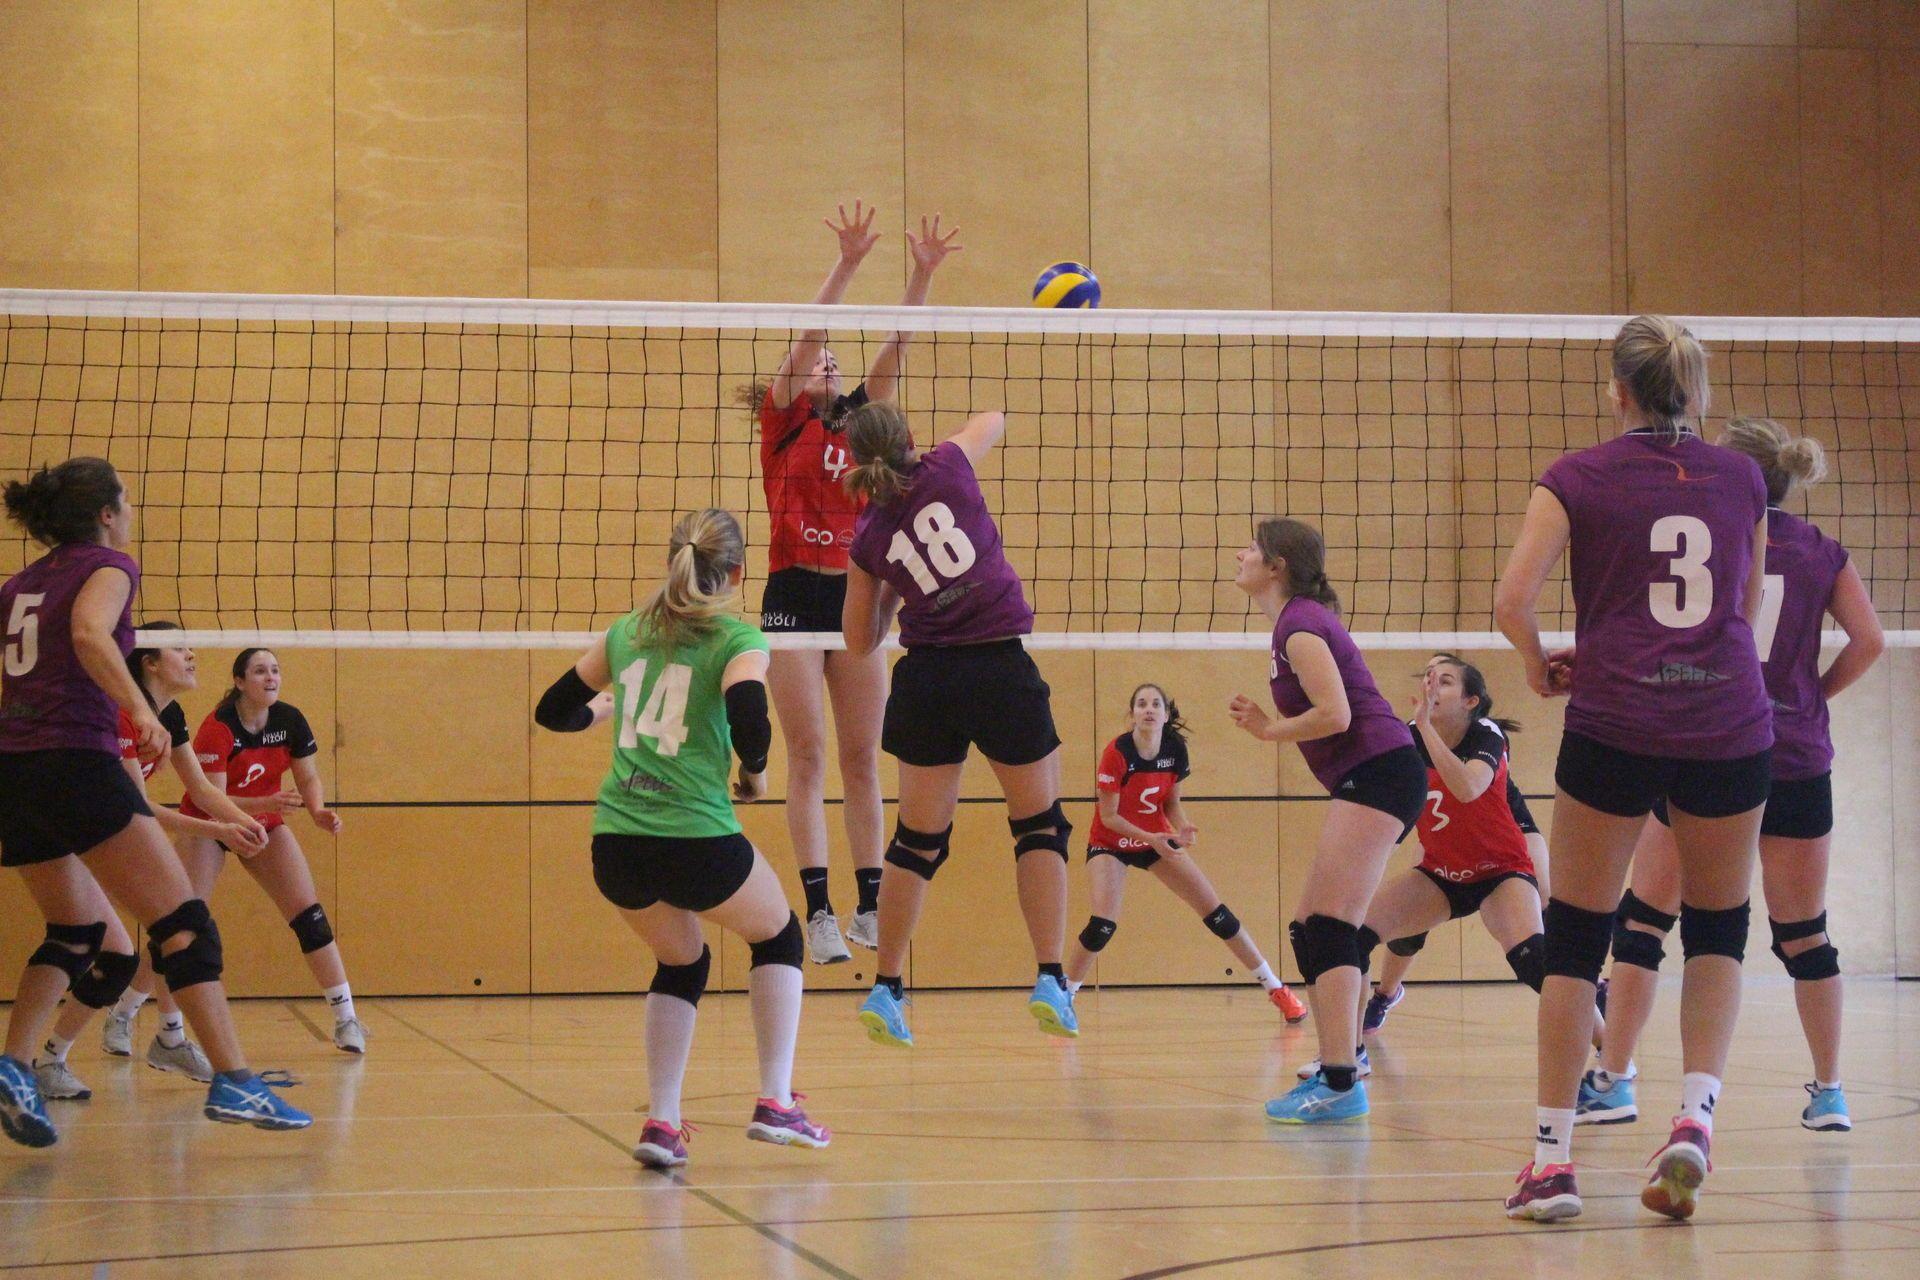 Ein Spieltag für den Volleyballclub Linth